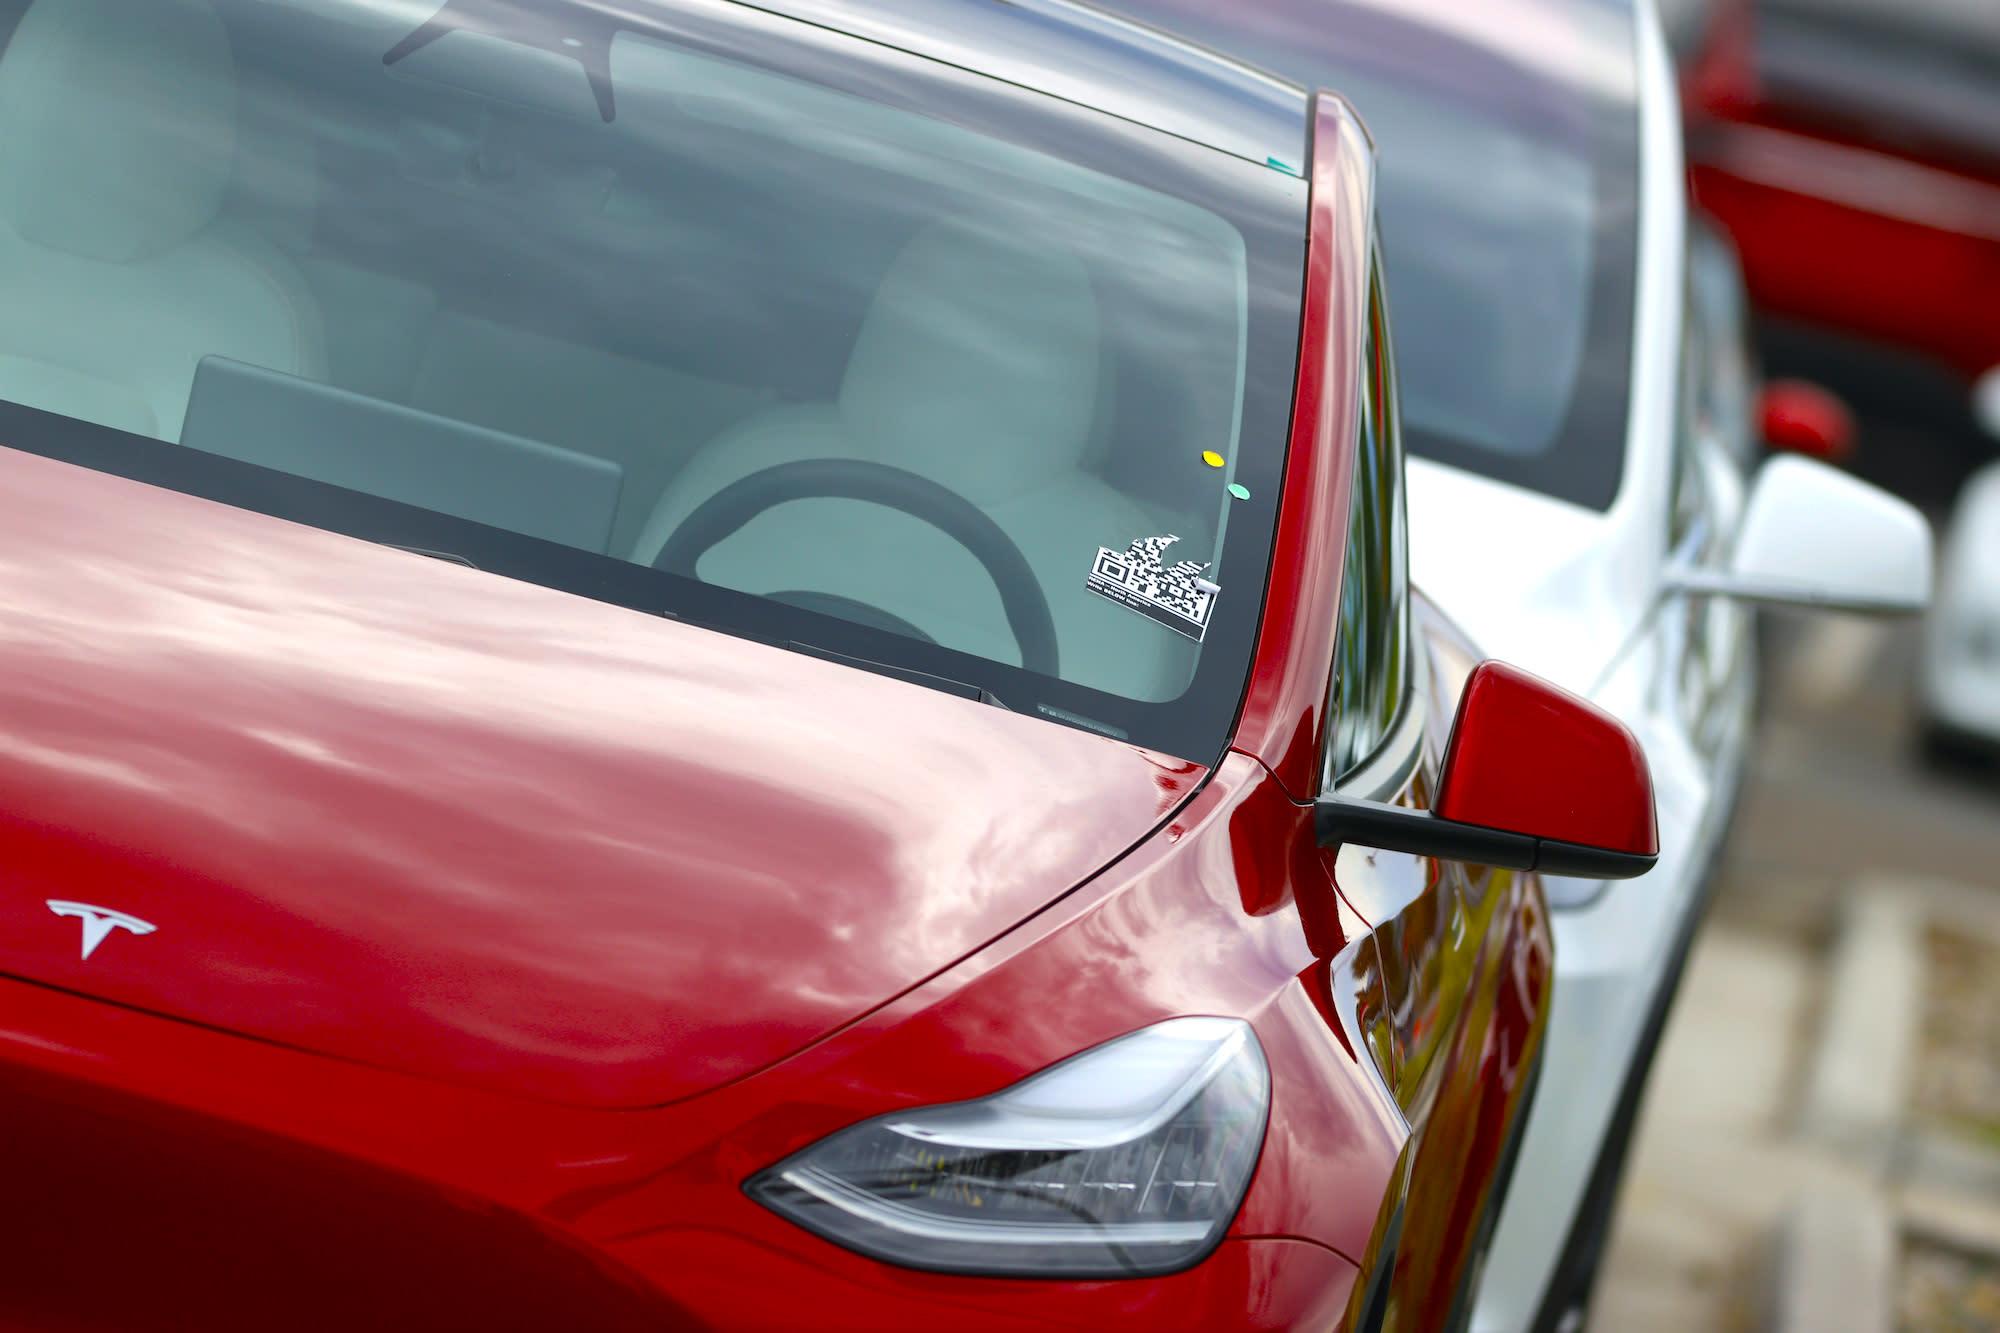 Tesla posts surprise Q2 profit, ramping up cash despite coronavirus